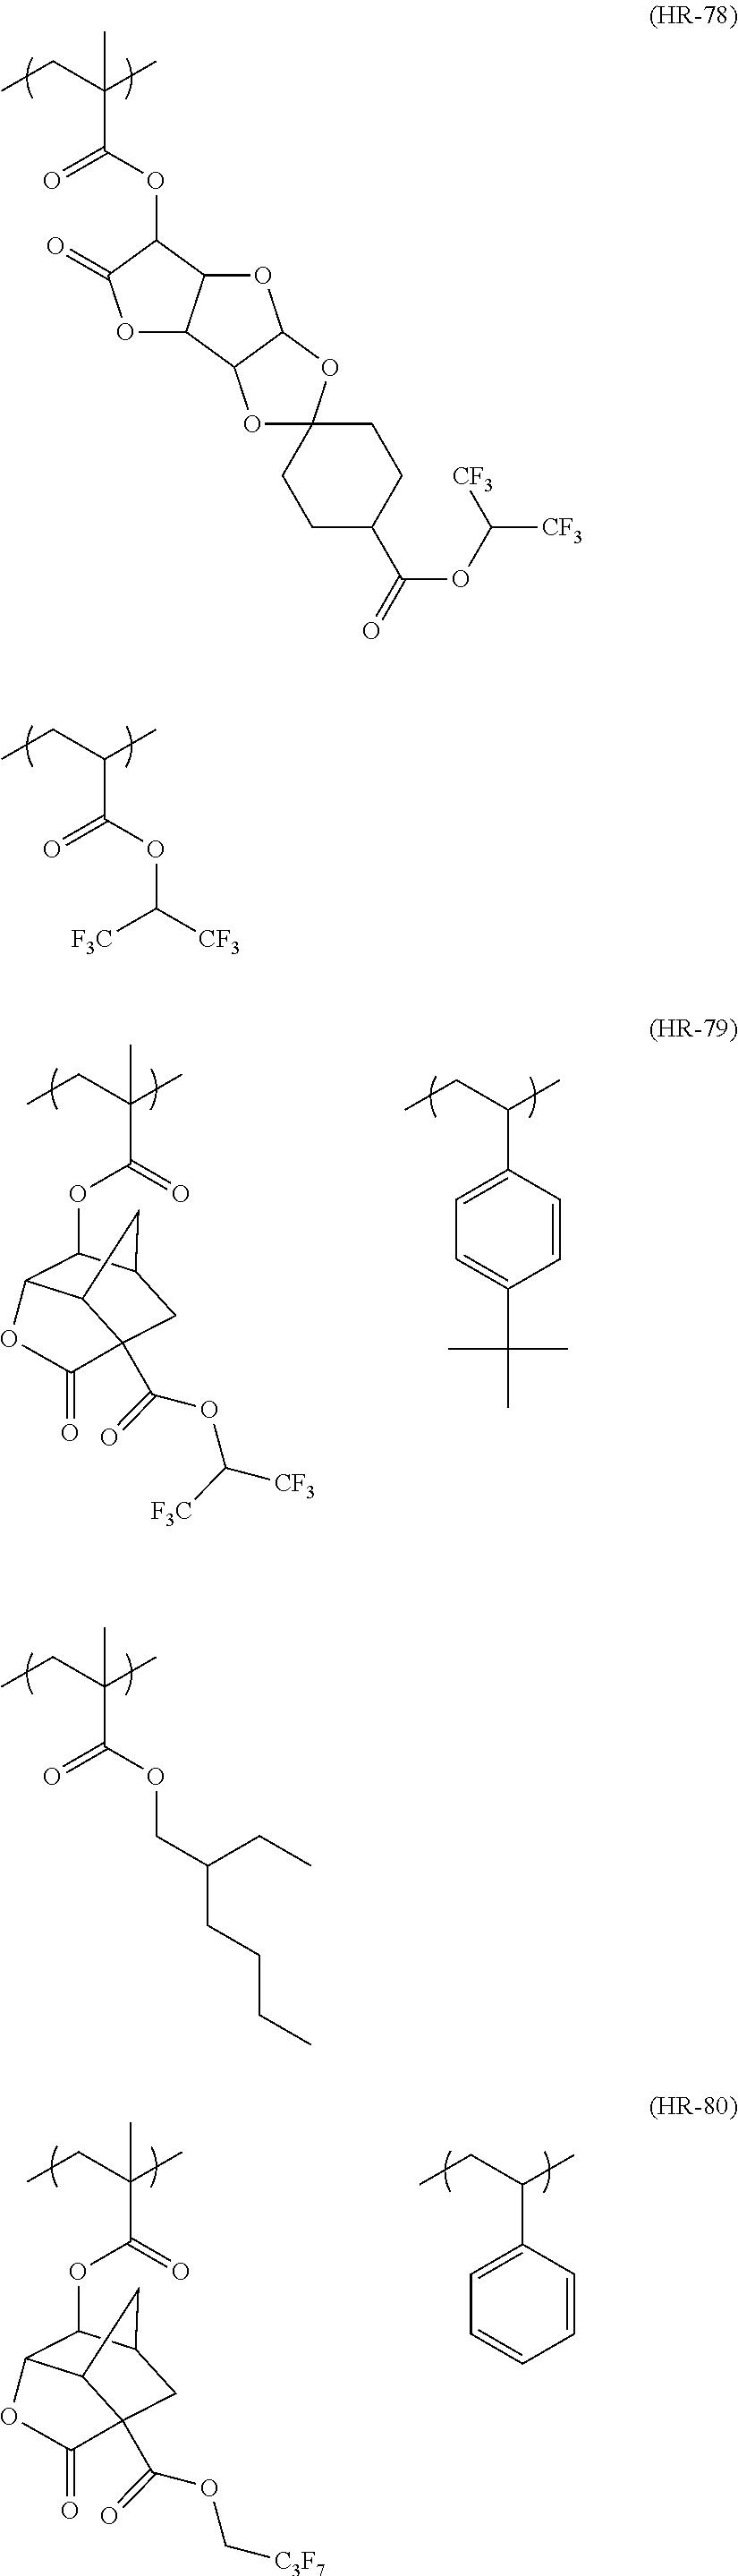 Figure US08404427-20130326-C00170